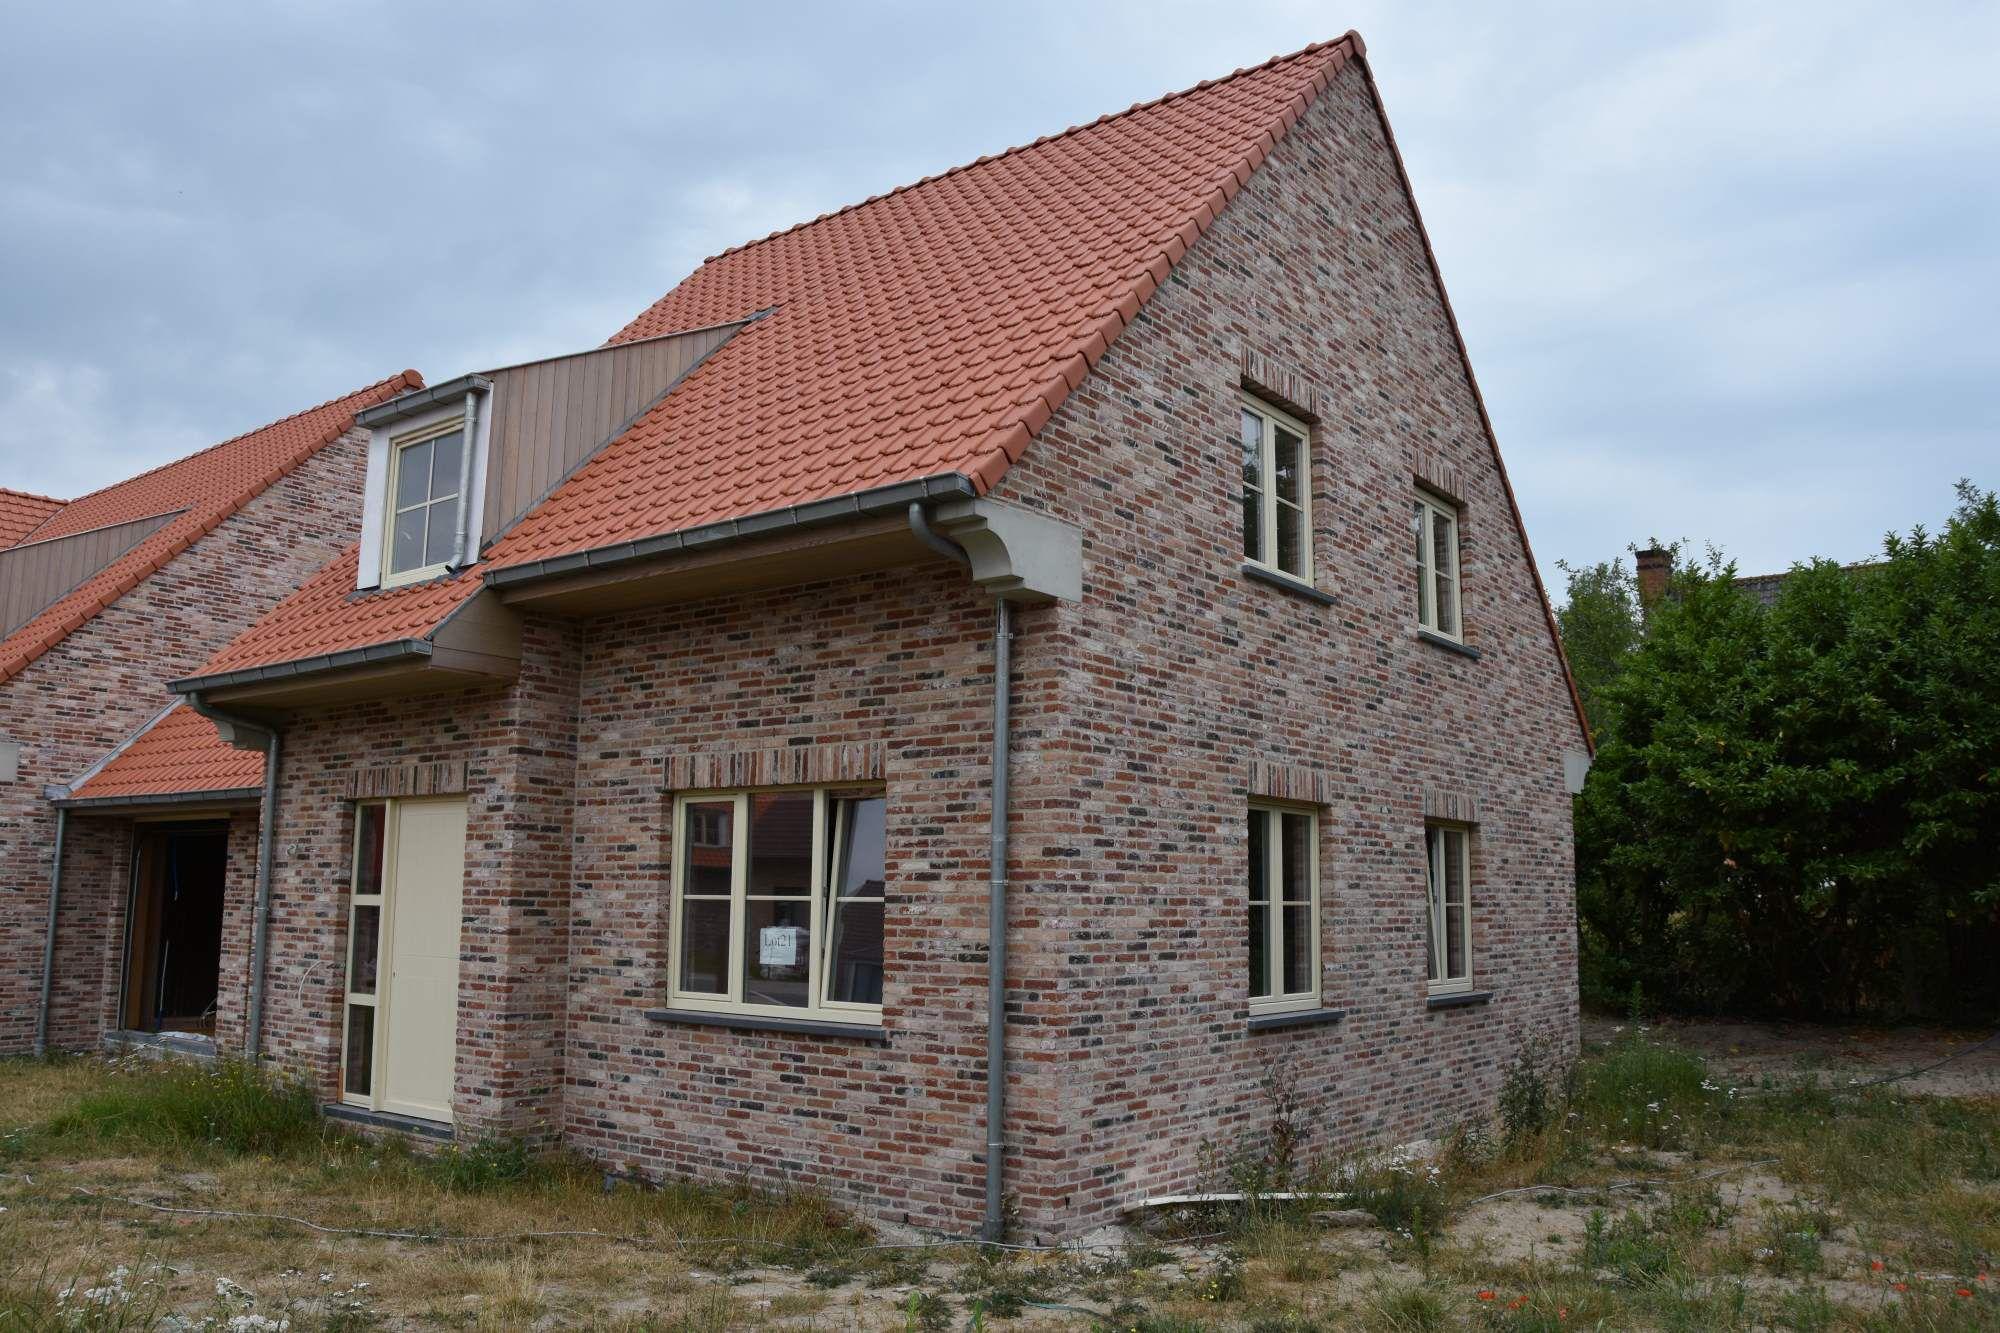 Nieuwbouw woning Gustaaf Buffelstraat Nieuwpoort - 8486